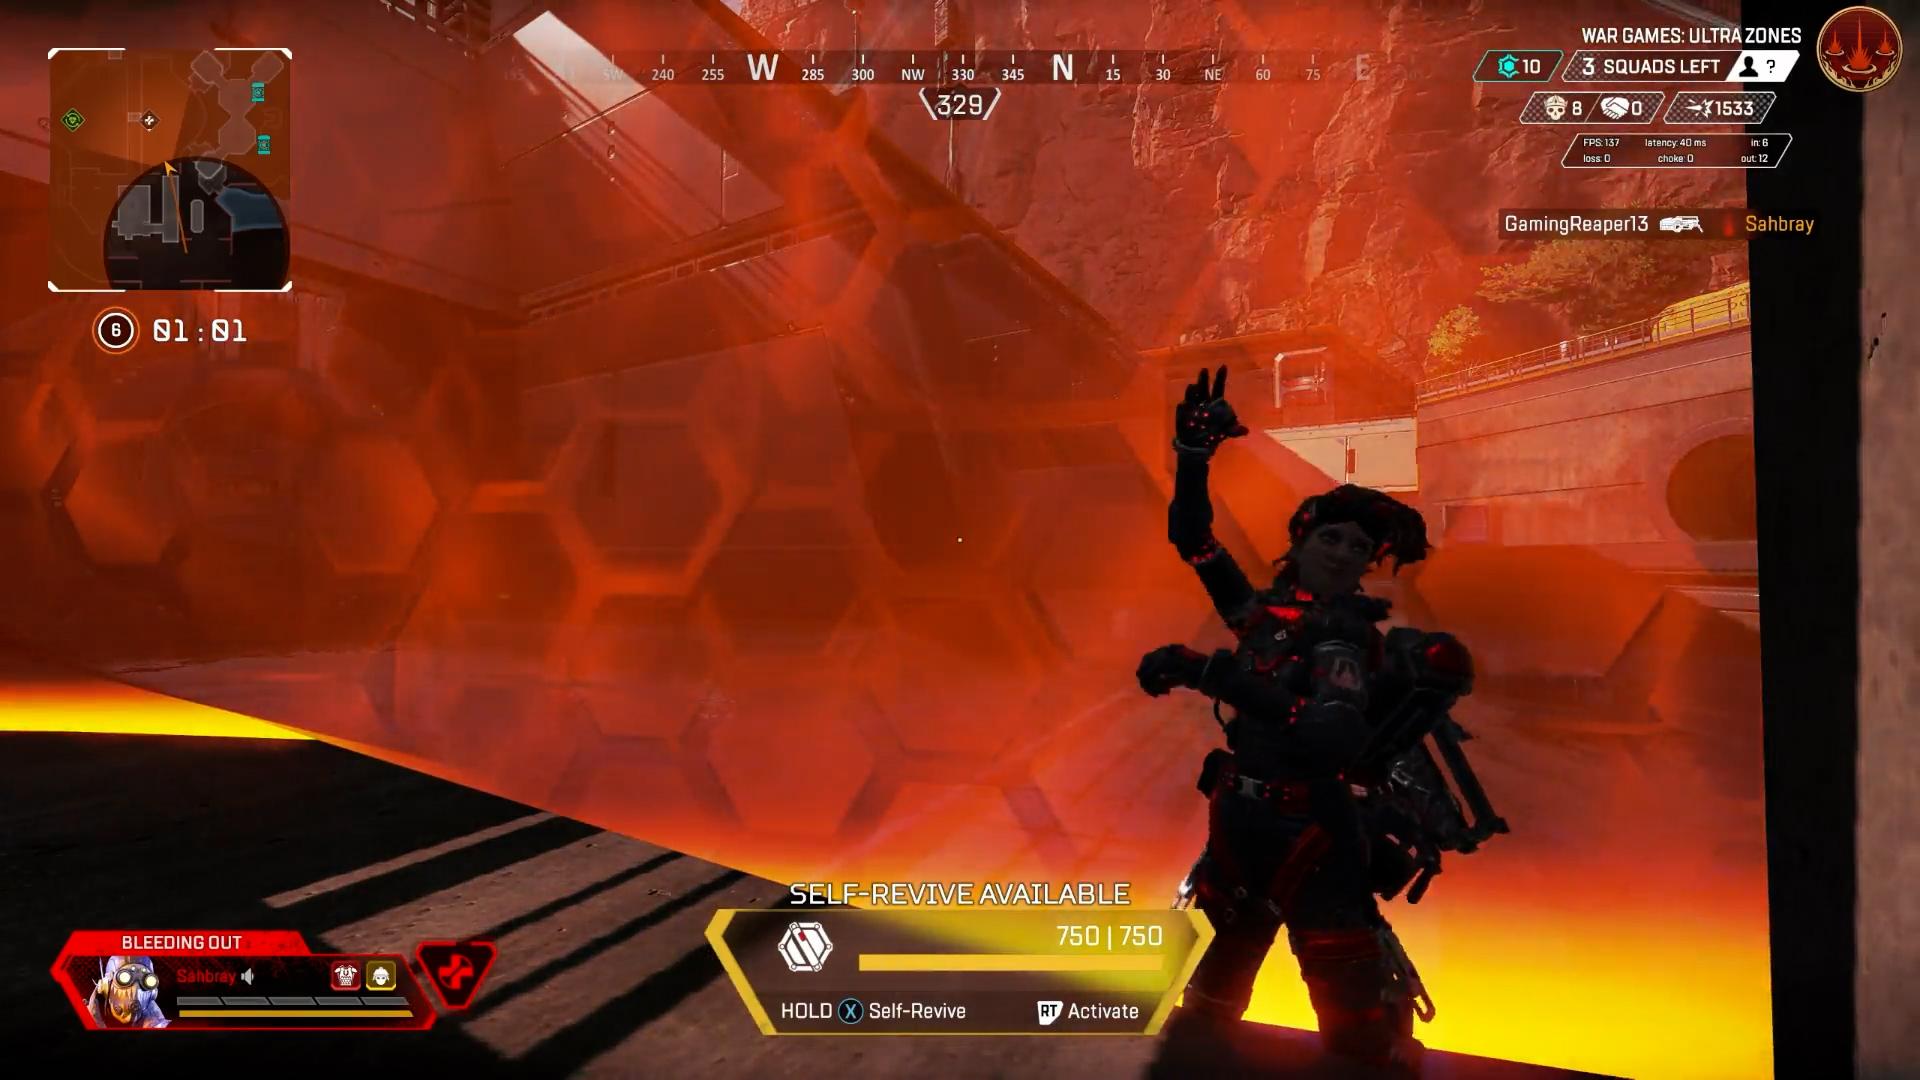 【APEX】グレネードで上にいる敵にプレッシャーをかけたかったホライゾンさん